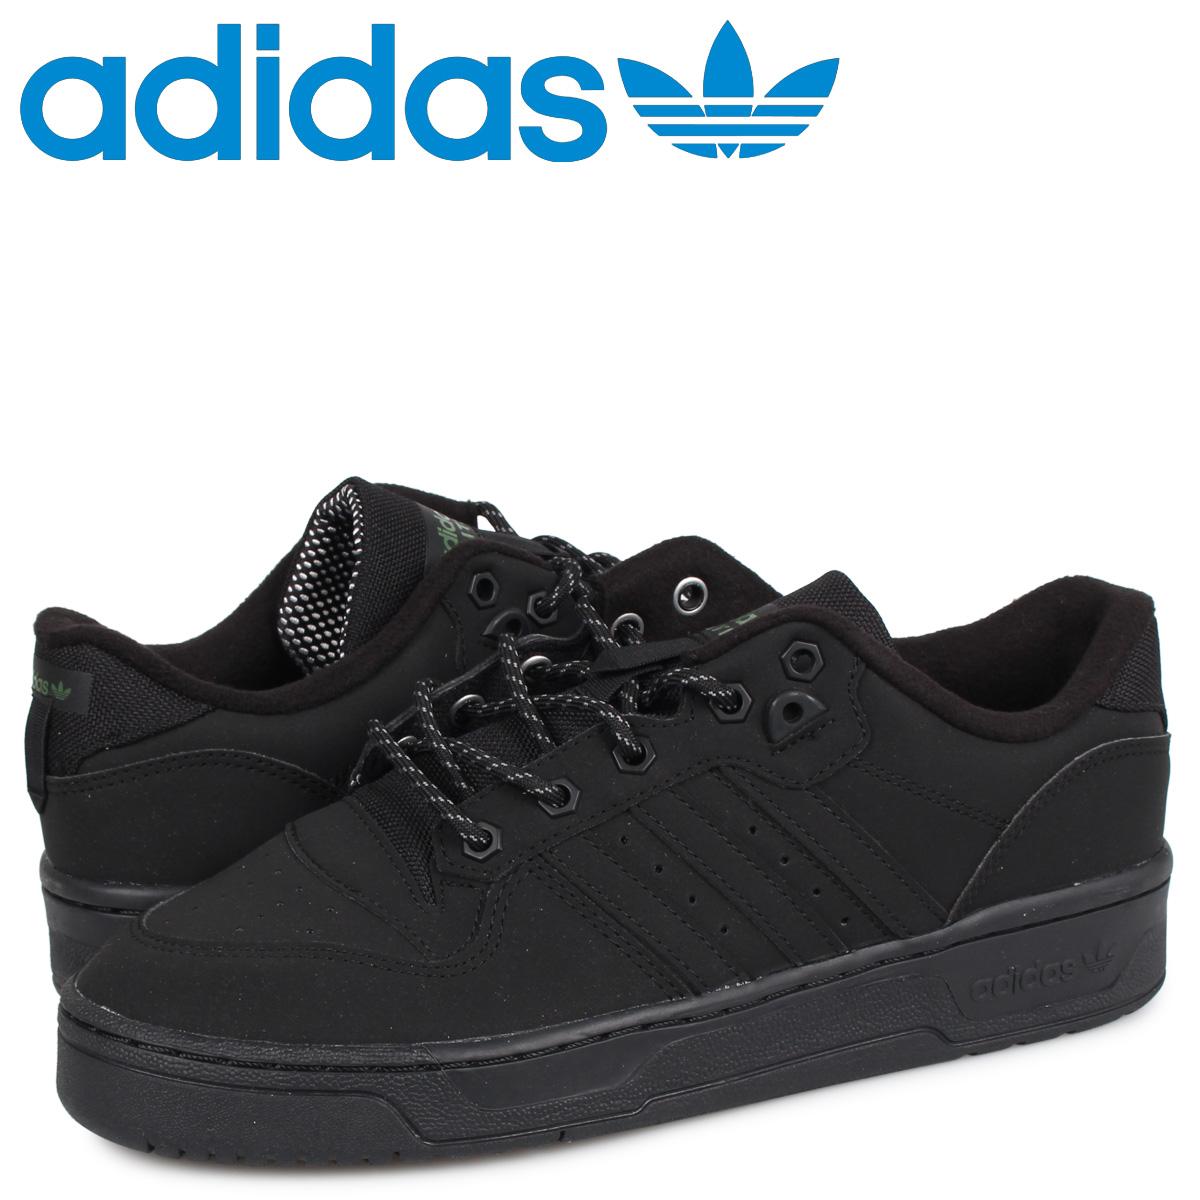 アディダス オリジナルス adidas Originals ライバルリー スニーカー メンズ RIVALRY ブラック 黒 FV4614